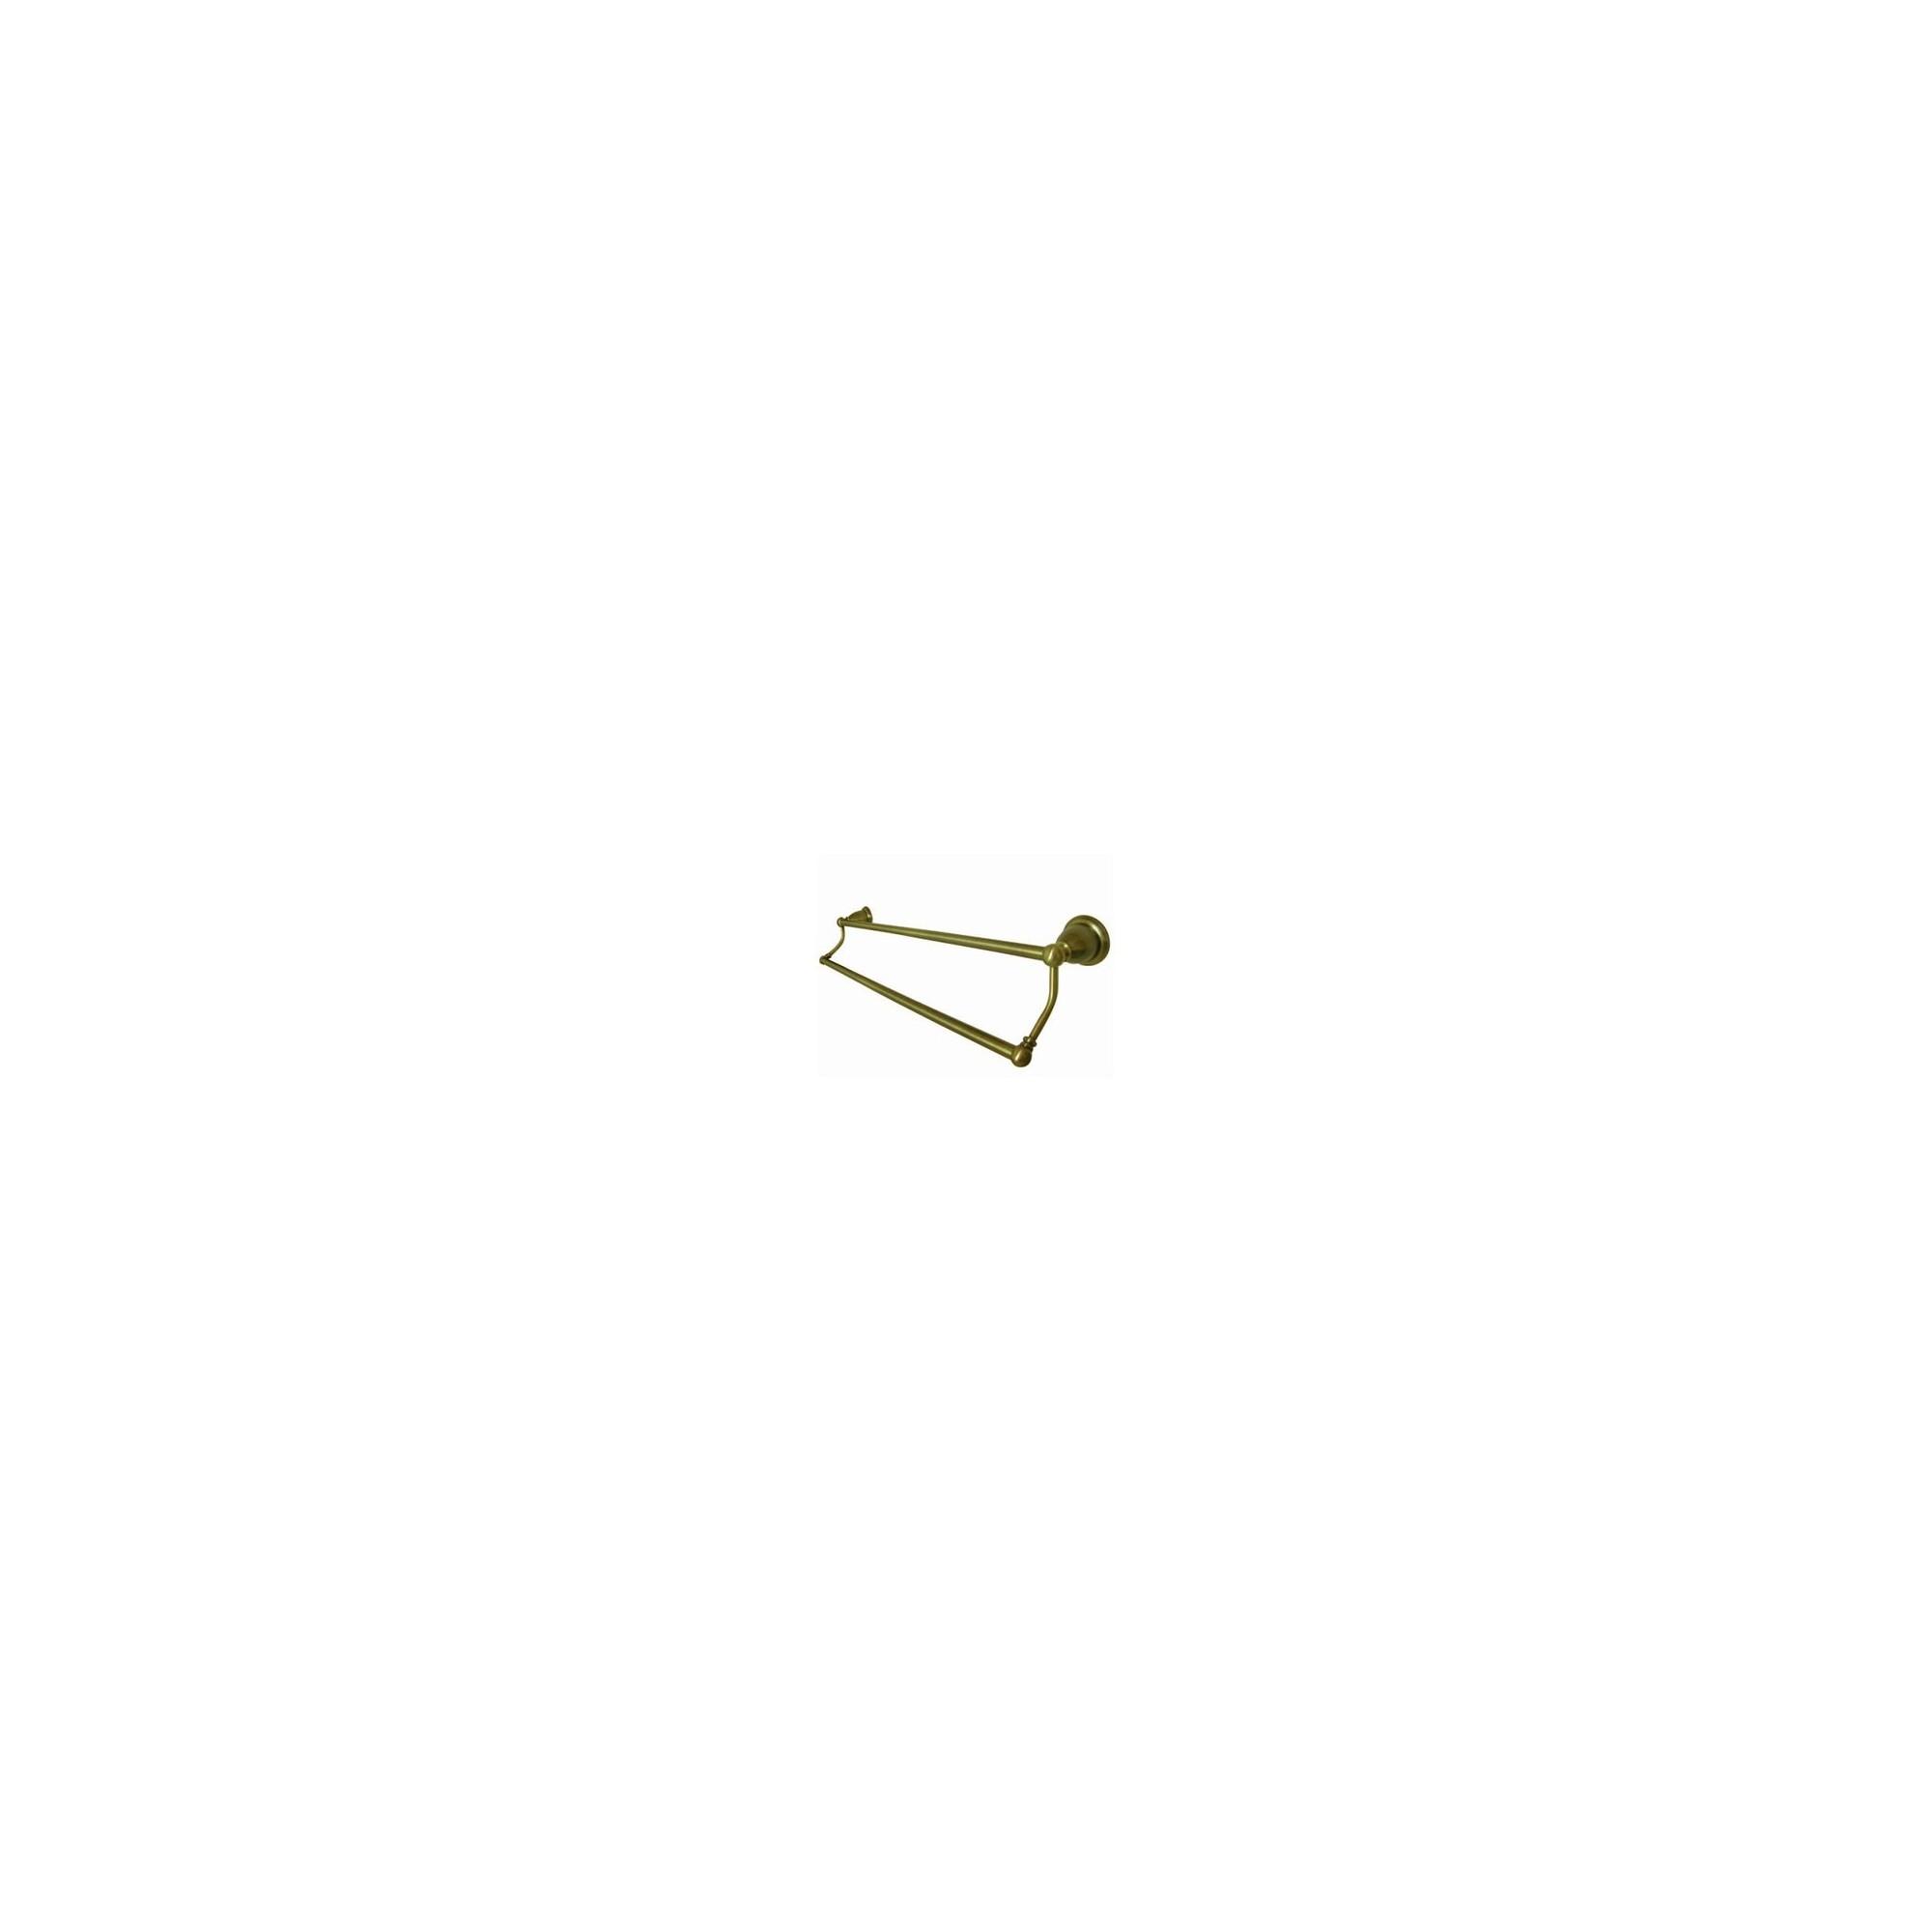 'Dual Towel Bar (24'') Antique Brass - Kingston Brass'